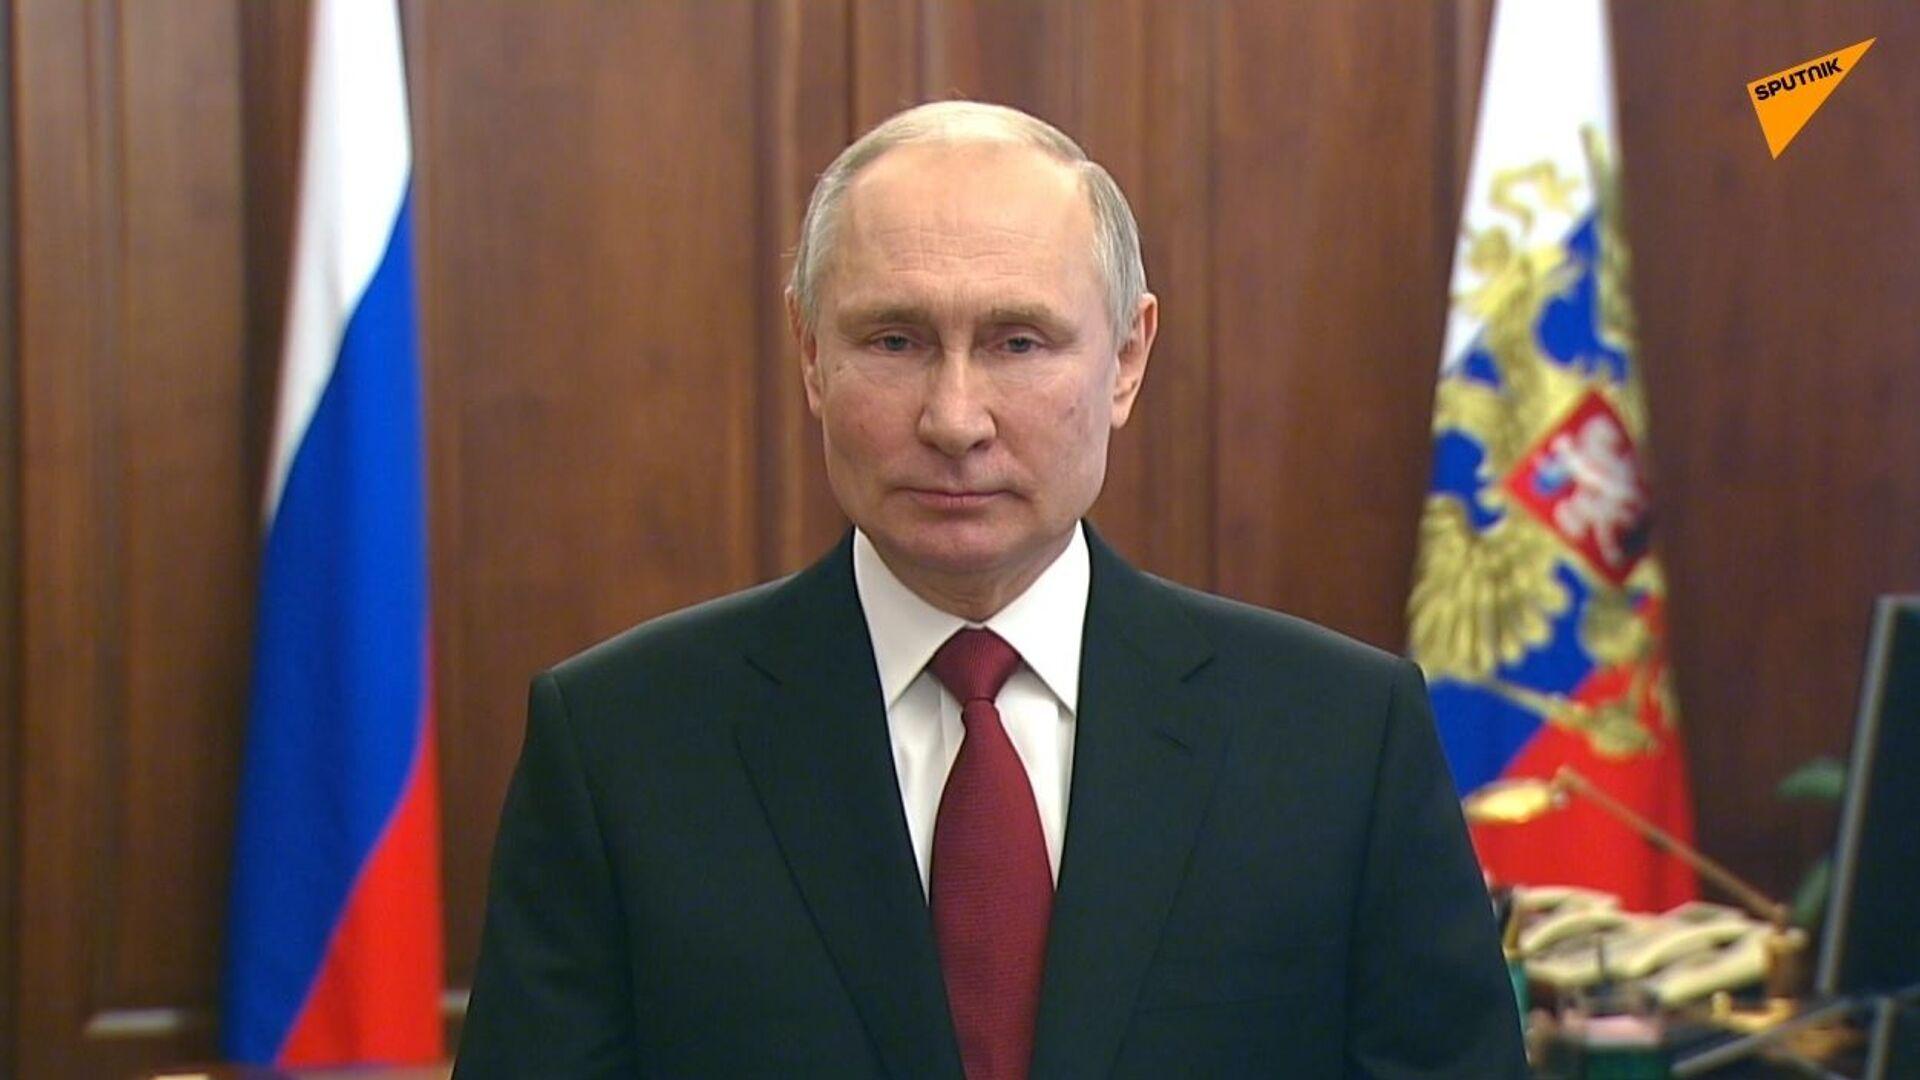 Russia, messaggio di congratulazioni di Putin in occasione della Giornata del difensore della Patria - Sputnik Italia, 1920, 15.04.2021